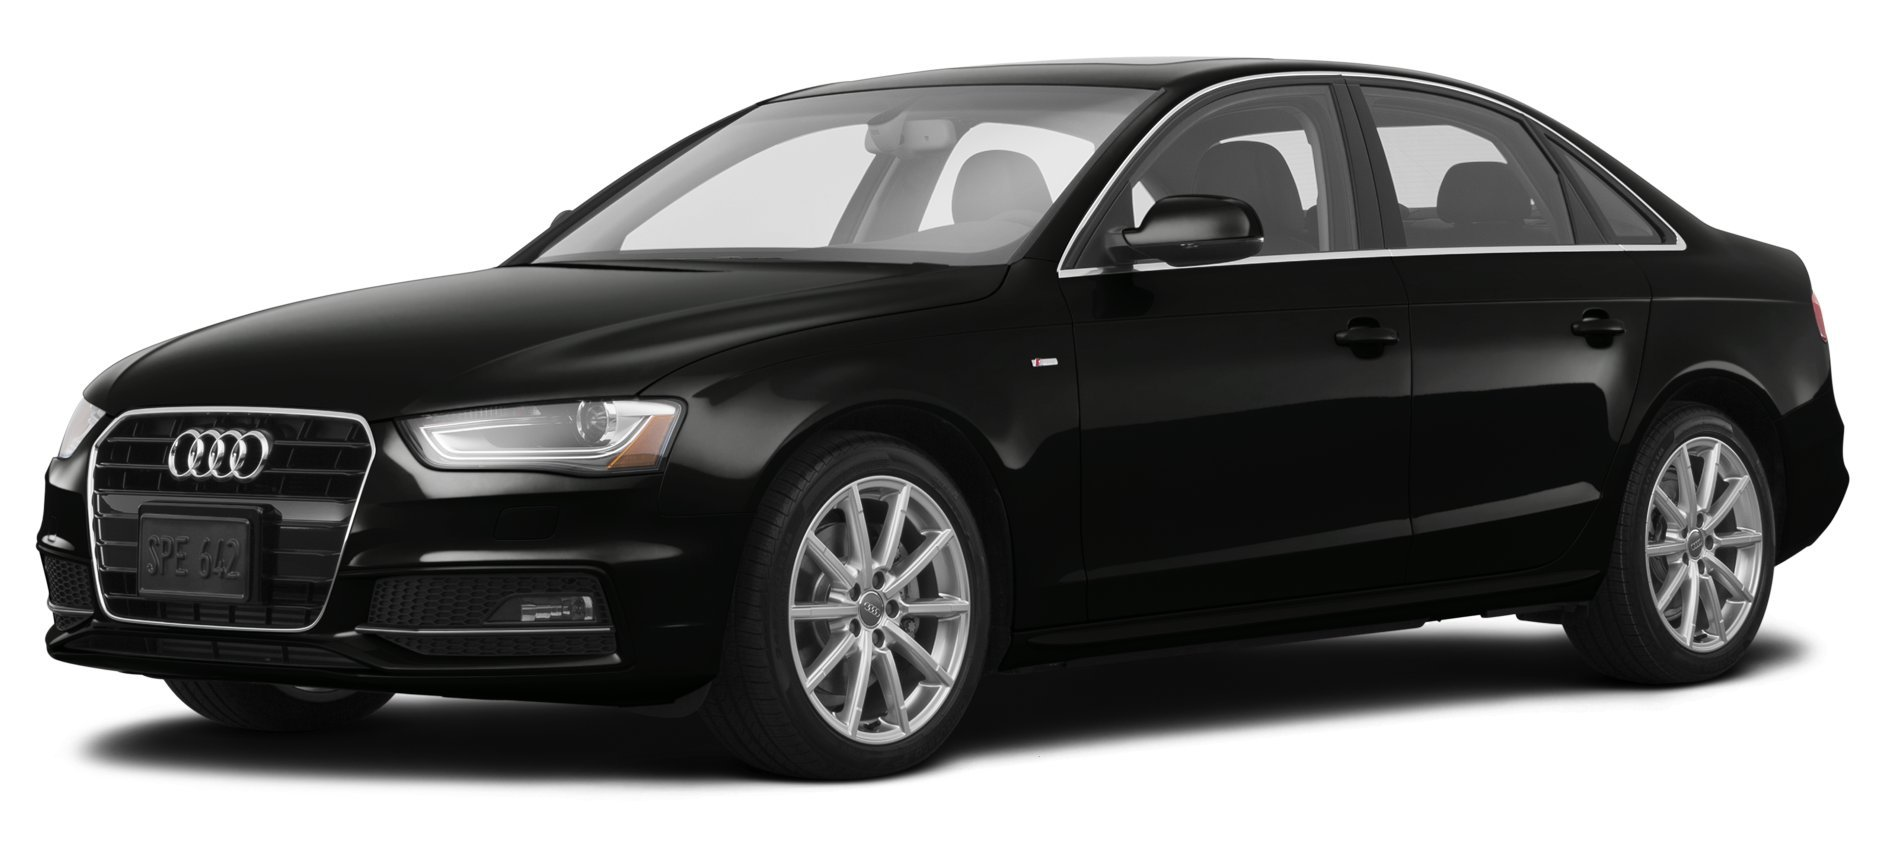 ... 2015 Audi A4 Quattro Prestige, 4-Door Sedan Manual Transmission quattro  2.0T